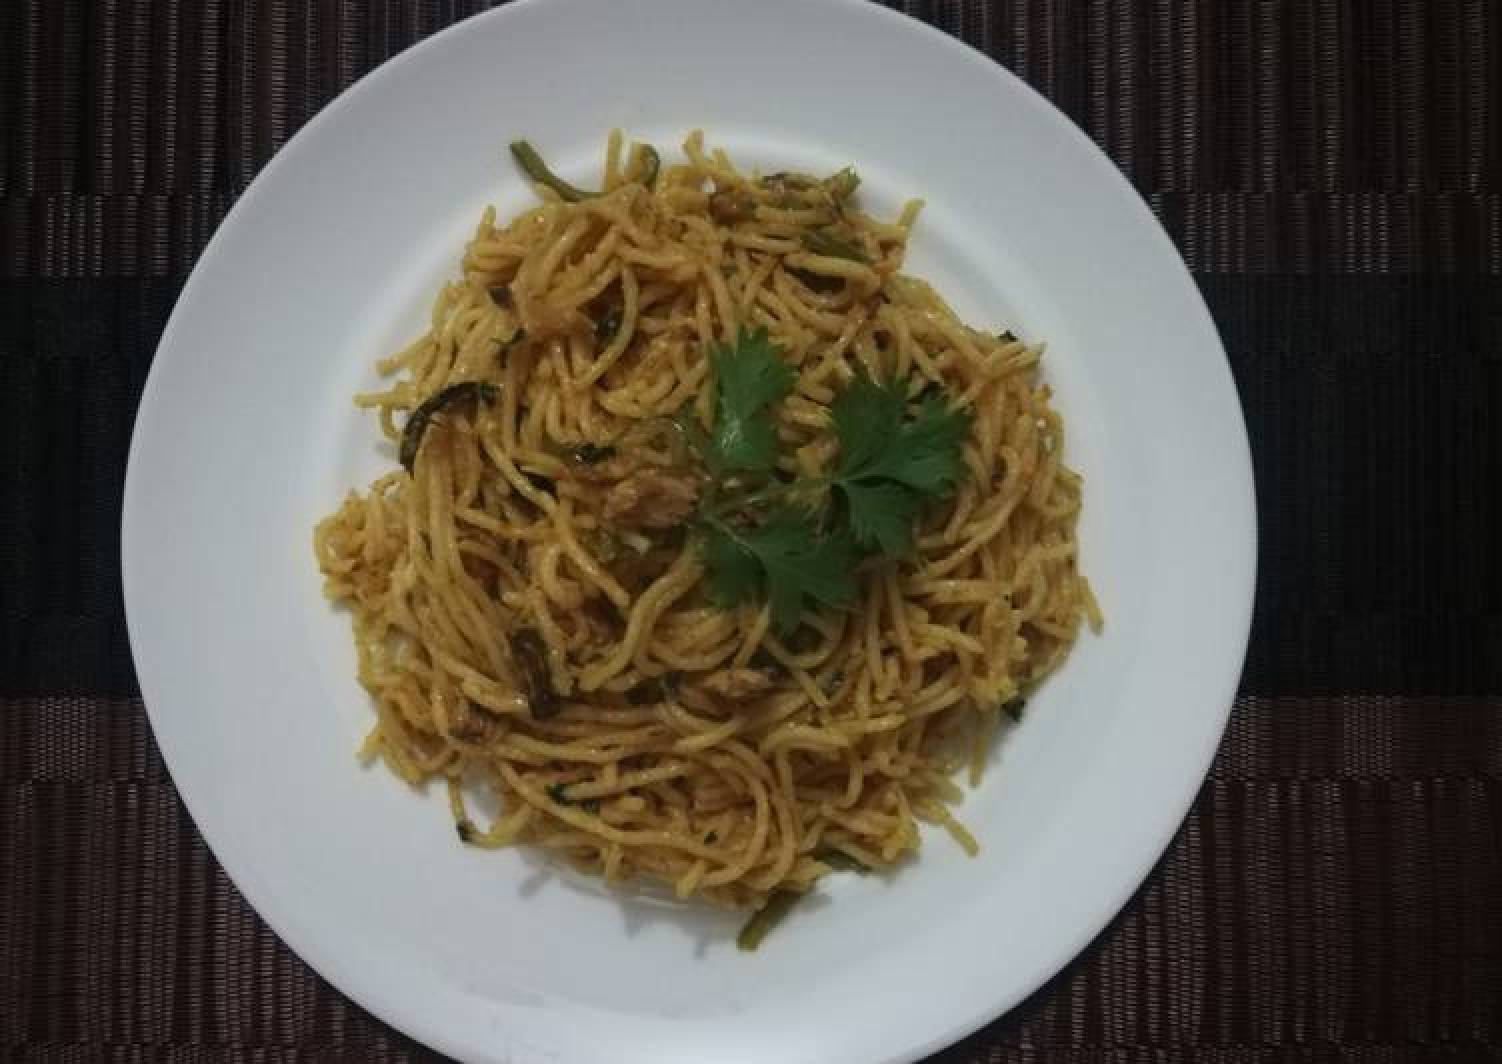 Coconut cream and fish pasta 🍝